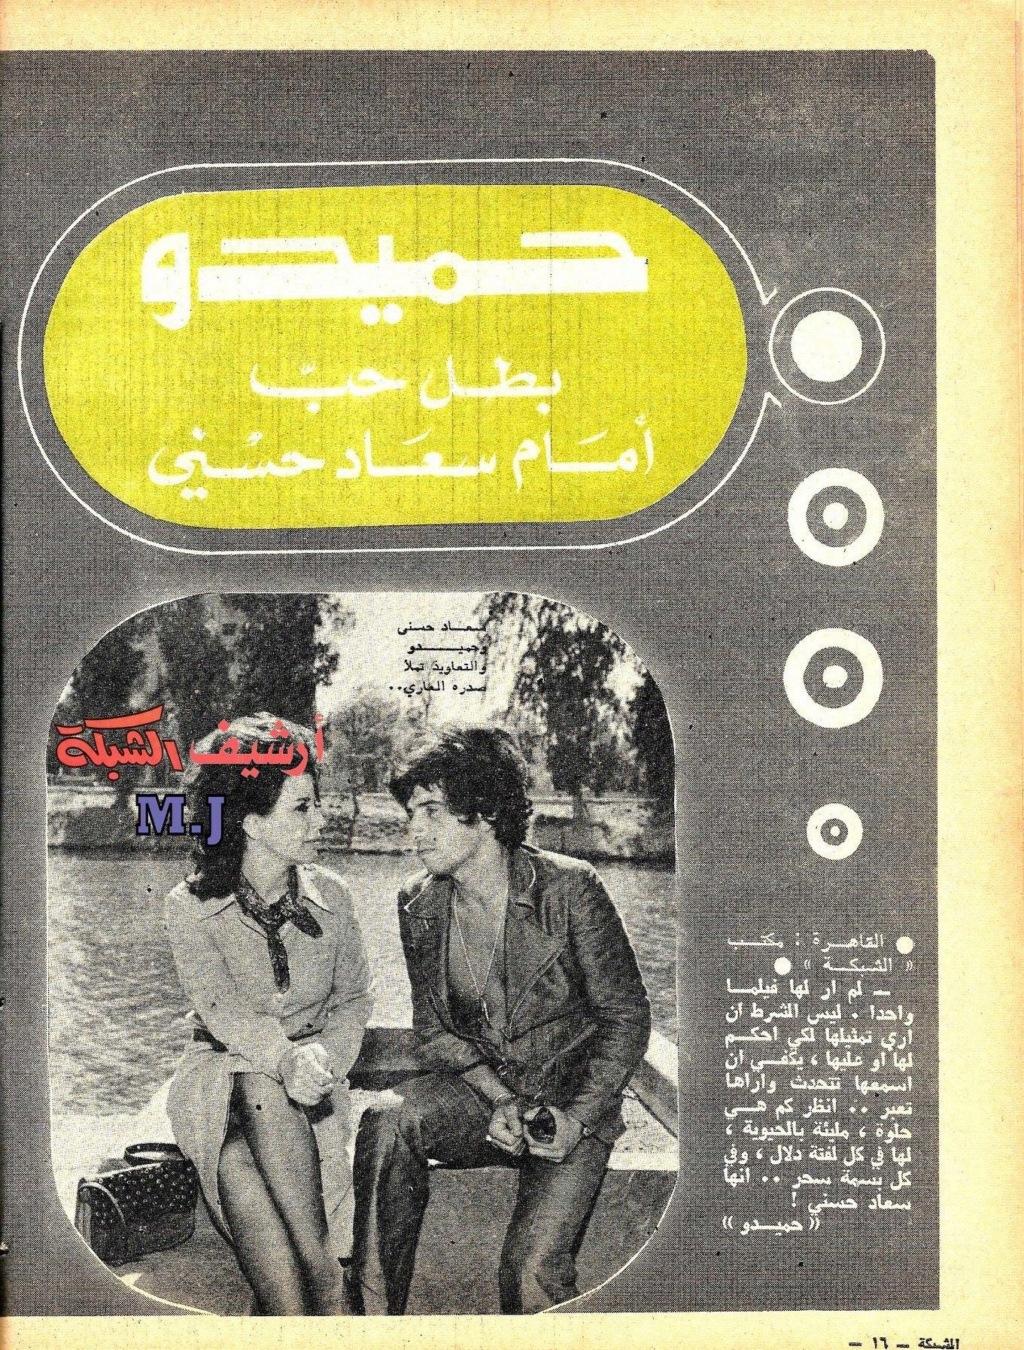 صحفي - مقال صحفي : حميدو بطل حب أمام سعاد حسني 1971 م 145